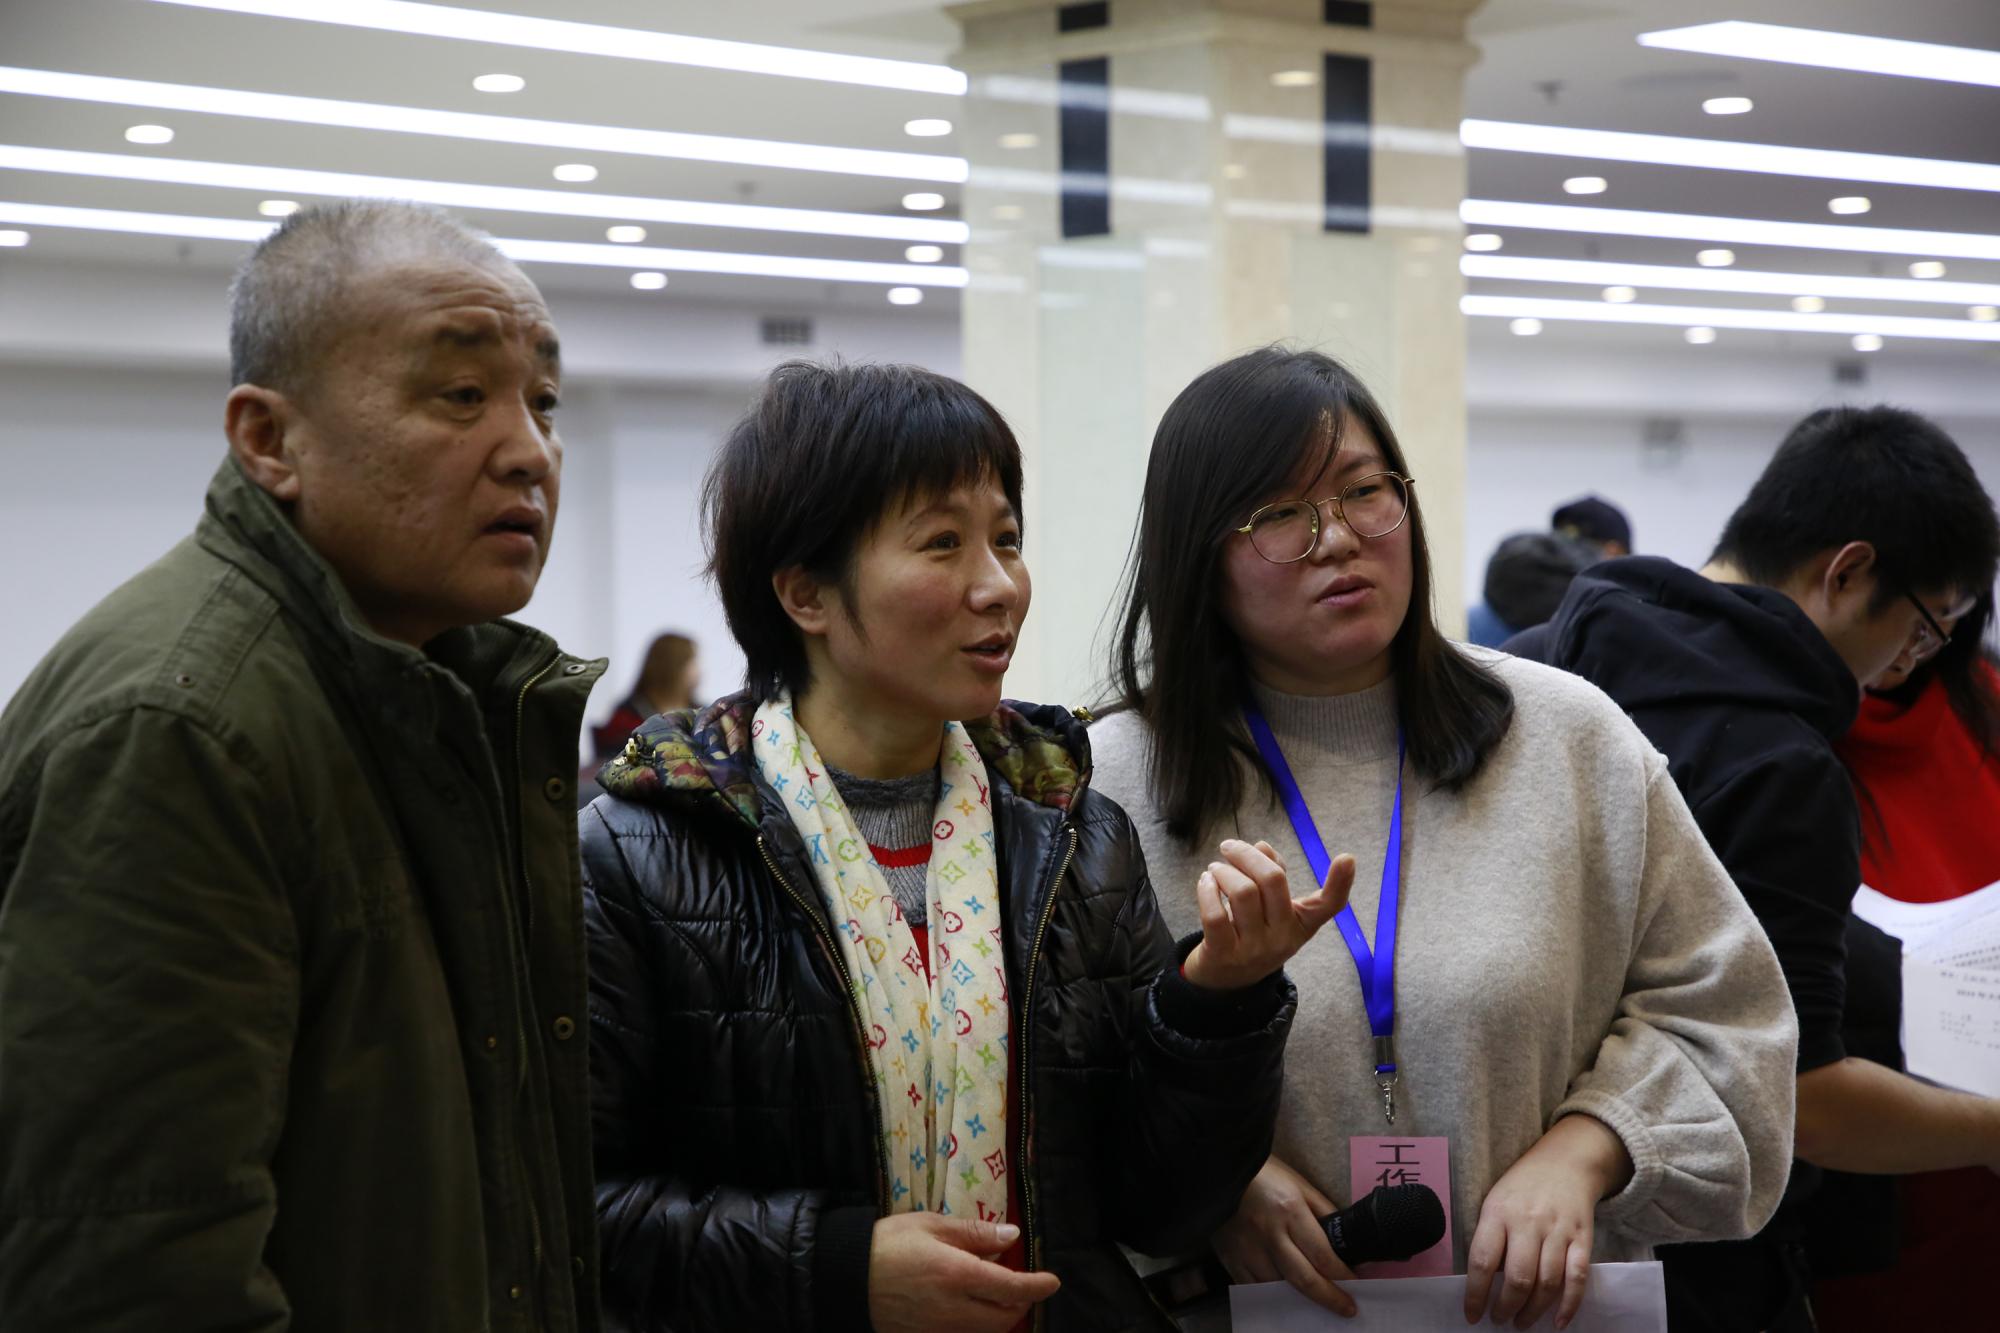 http://www.weixinrensheng.com/shenghuojia/1210414.html